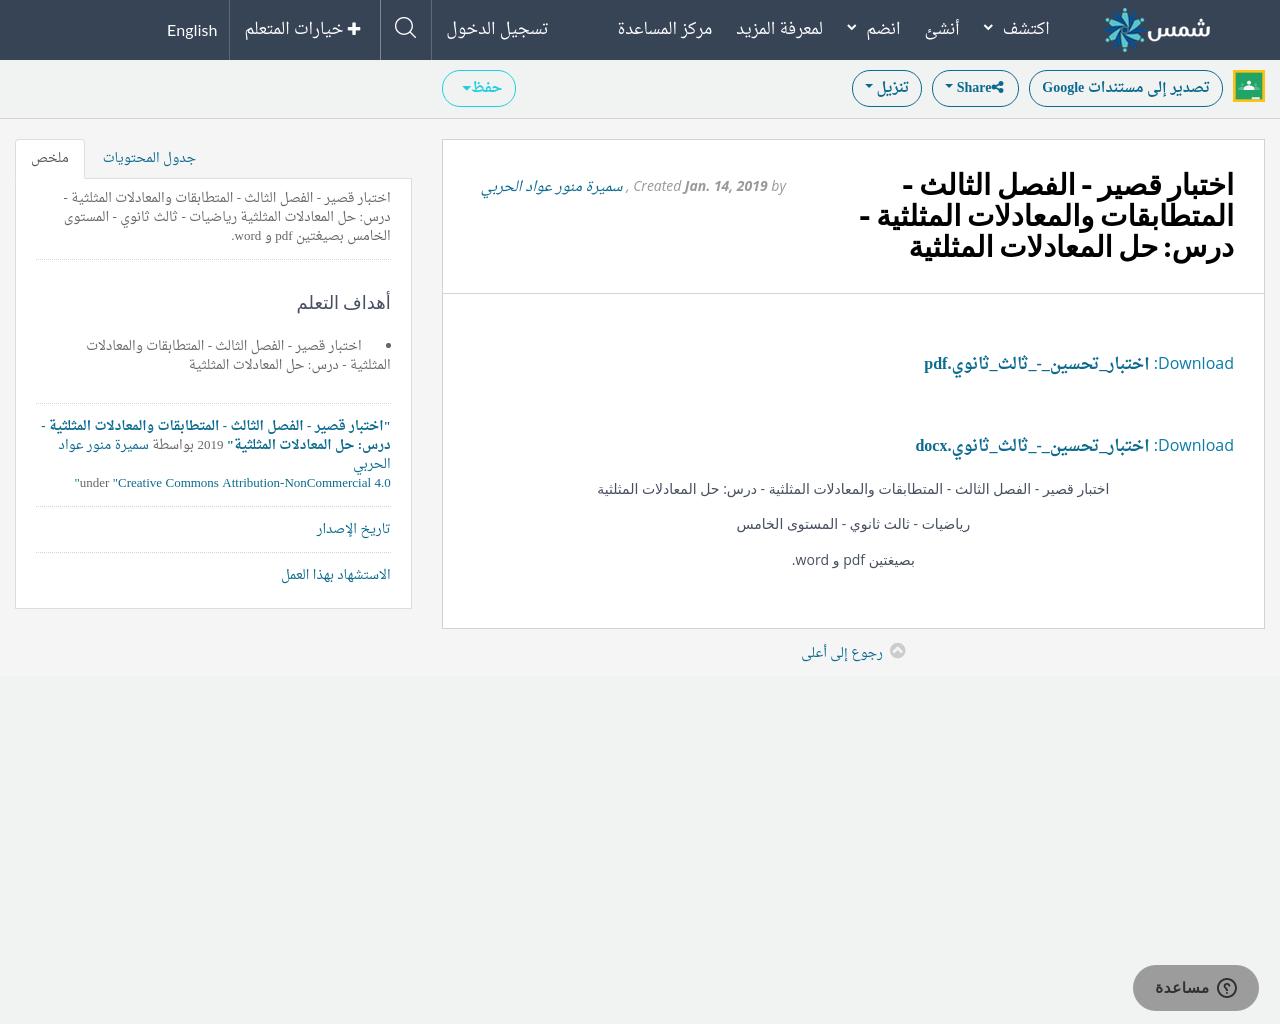 اختبار قصير الفصل الثالث المتطابقات والمعادلات المثلثية درس حل المعادلات المثلثية Shms Saudi Oer Network